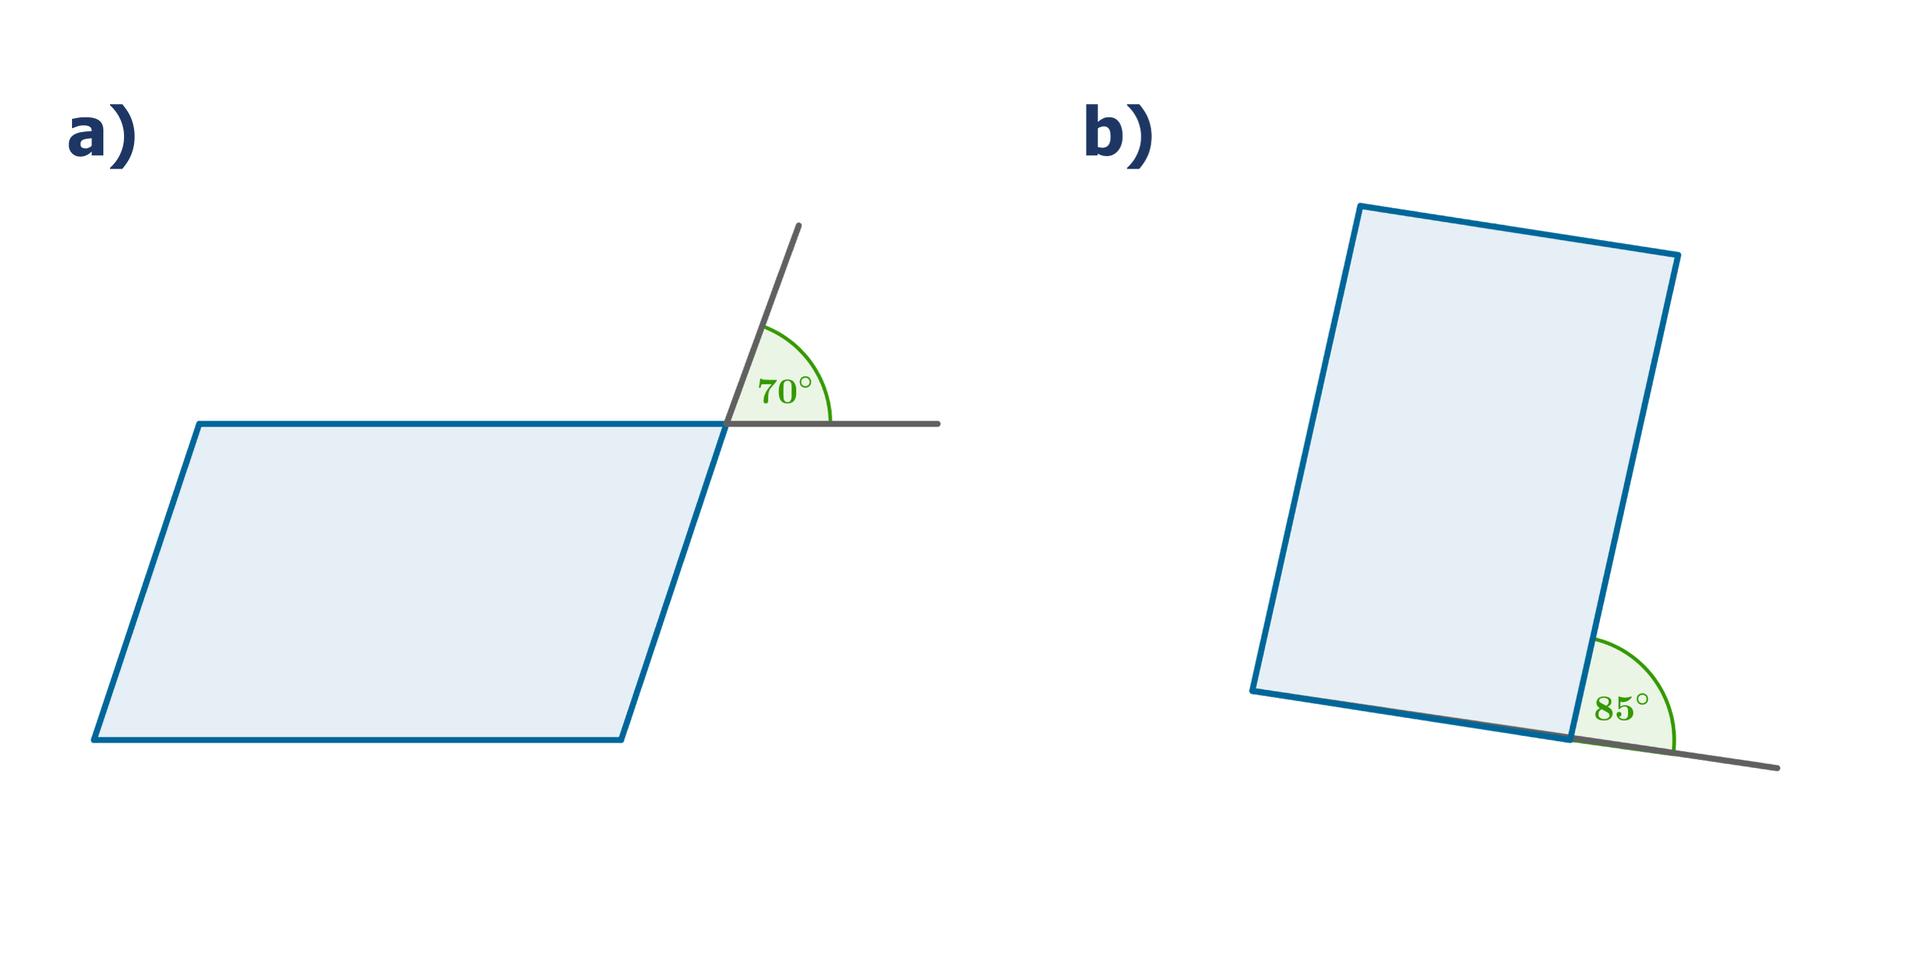 Rysunki dwóch równoległoboków. Wpierwszym równoległoboku zaznaczony kąt 70 stopni, który jest kątem wierzchołkowym do jednego zkątów wewnętrznych równoległoboku. Wdrugim równoległoboku zaznaczony kąt 85 stopni, który jest kątem przyległym do jednego zkątów wewnętrznych równoległoboku.